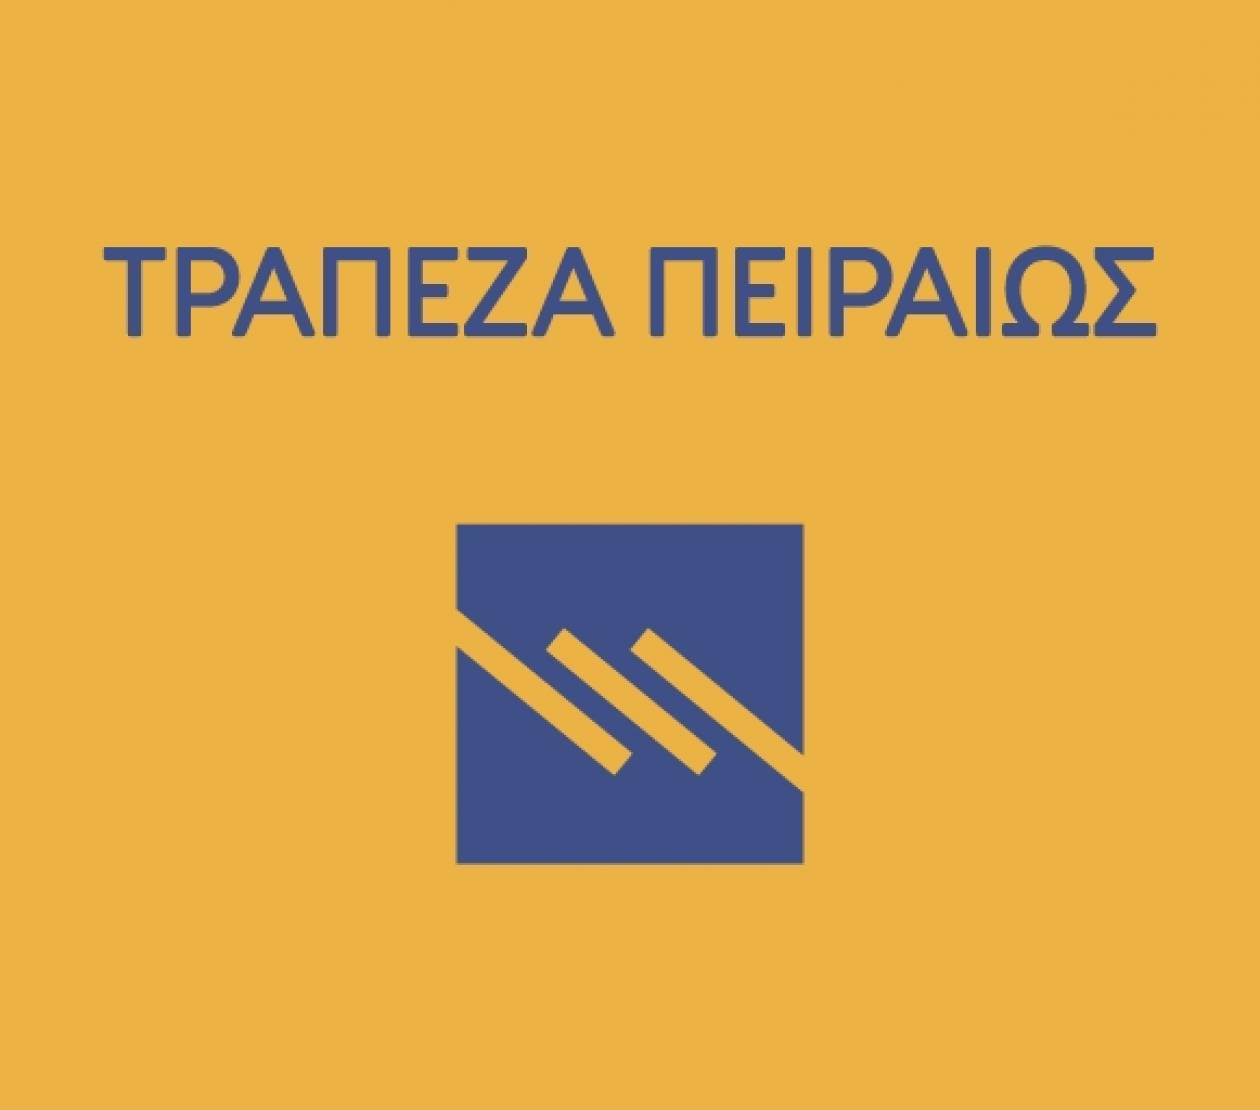 Ενοποίηση συστημάτων της πρώην ΑΤΕbank με την Τράπεζα Πειραιώς